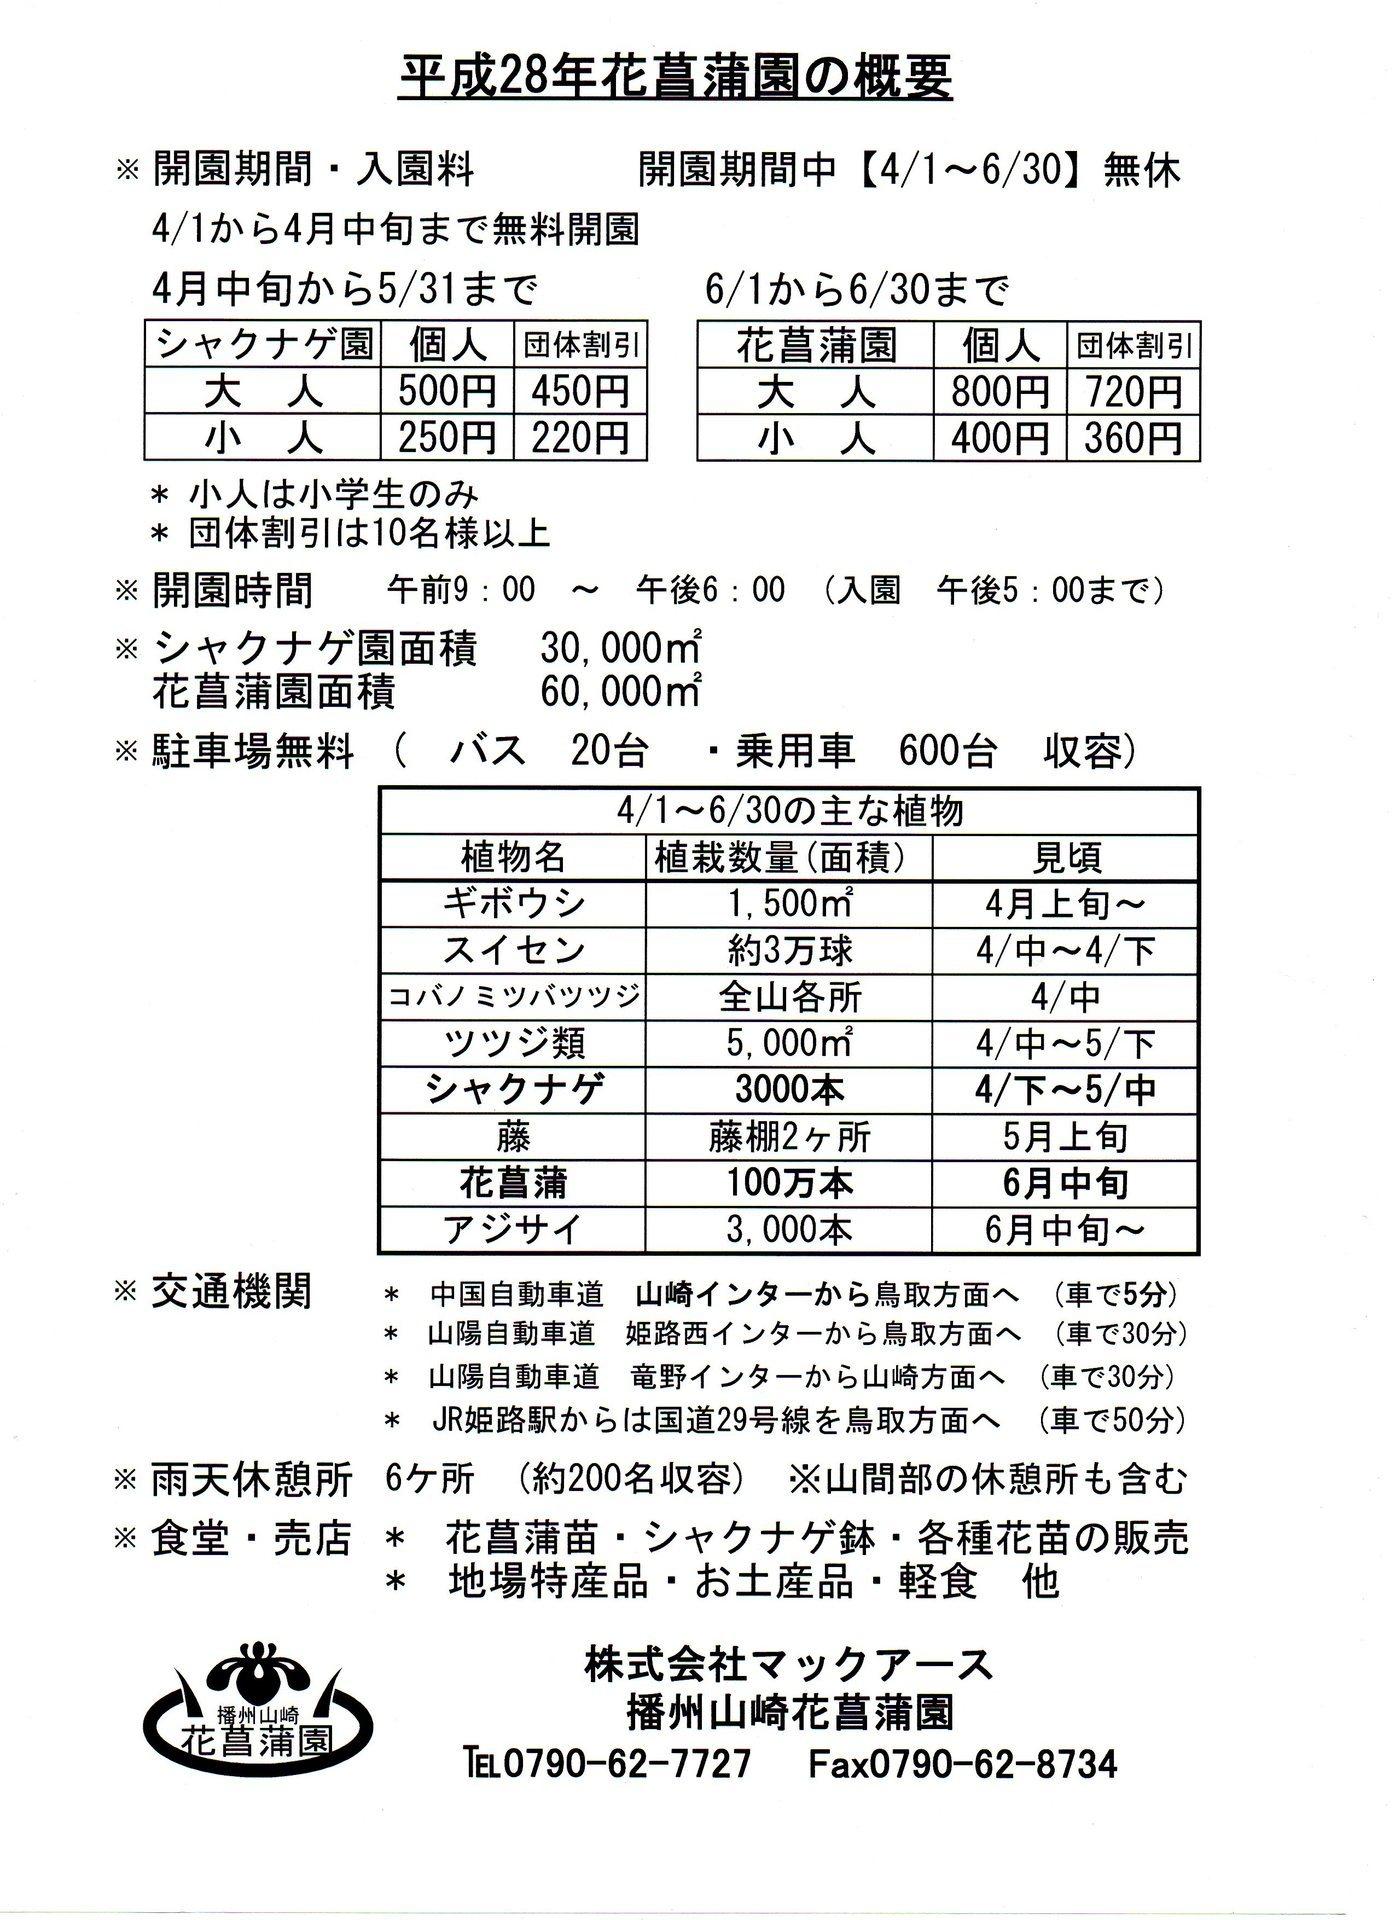 shobuen-leaflet3.jpg